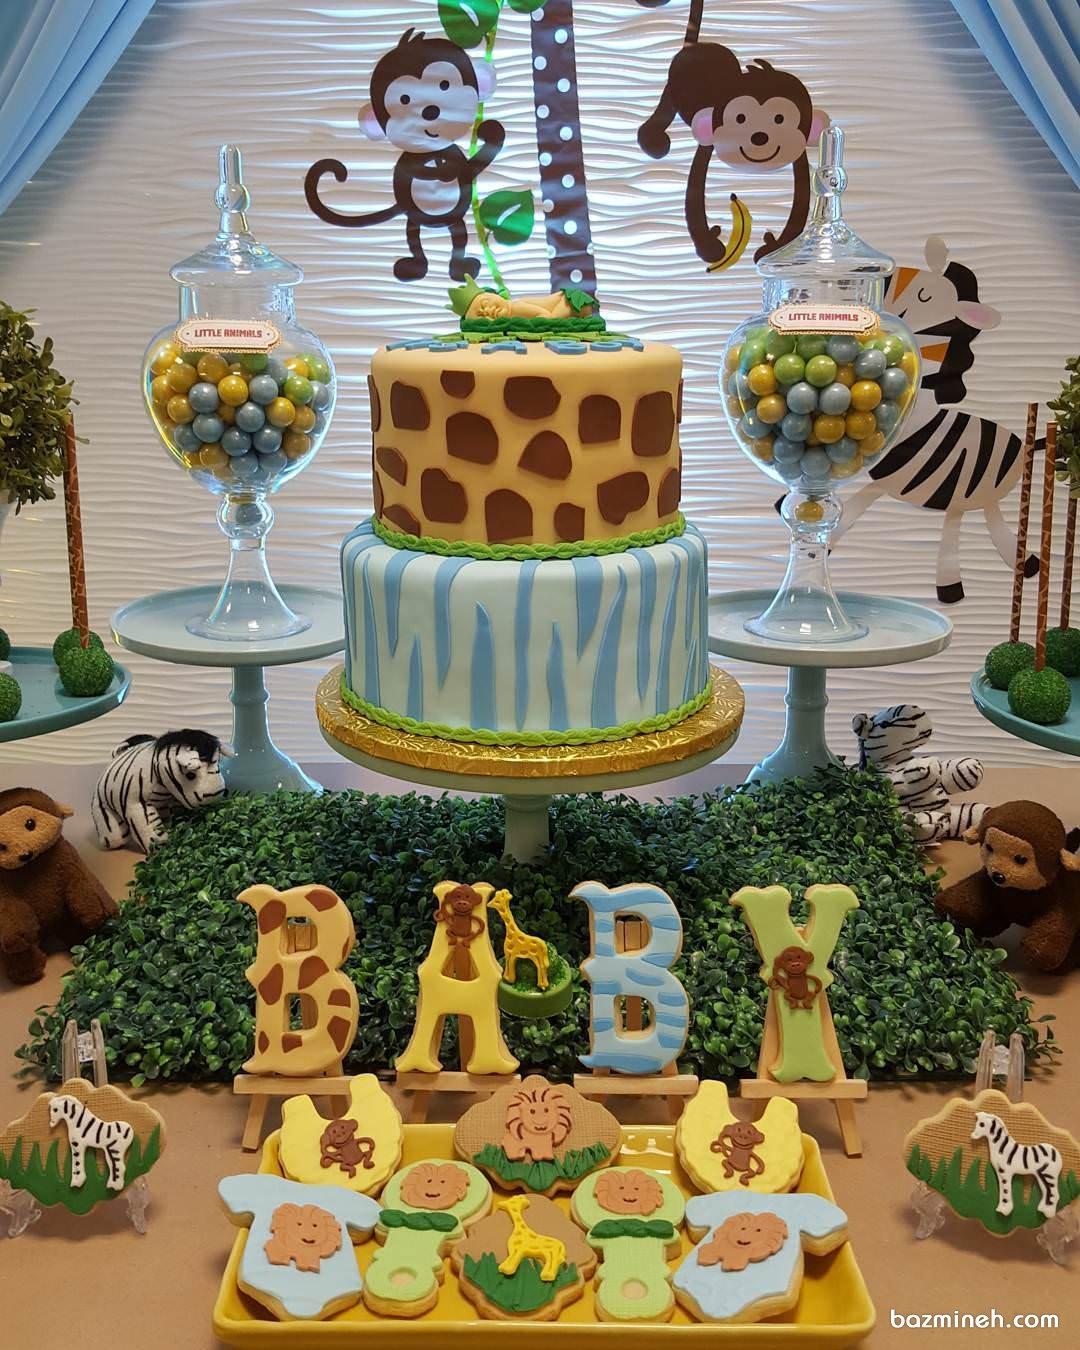 کیک و کوکی های زیبای جشن بیبی شاور با تم حیوانات جنگل